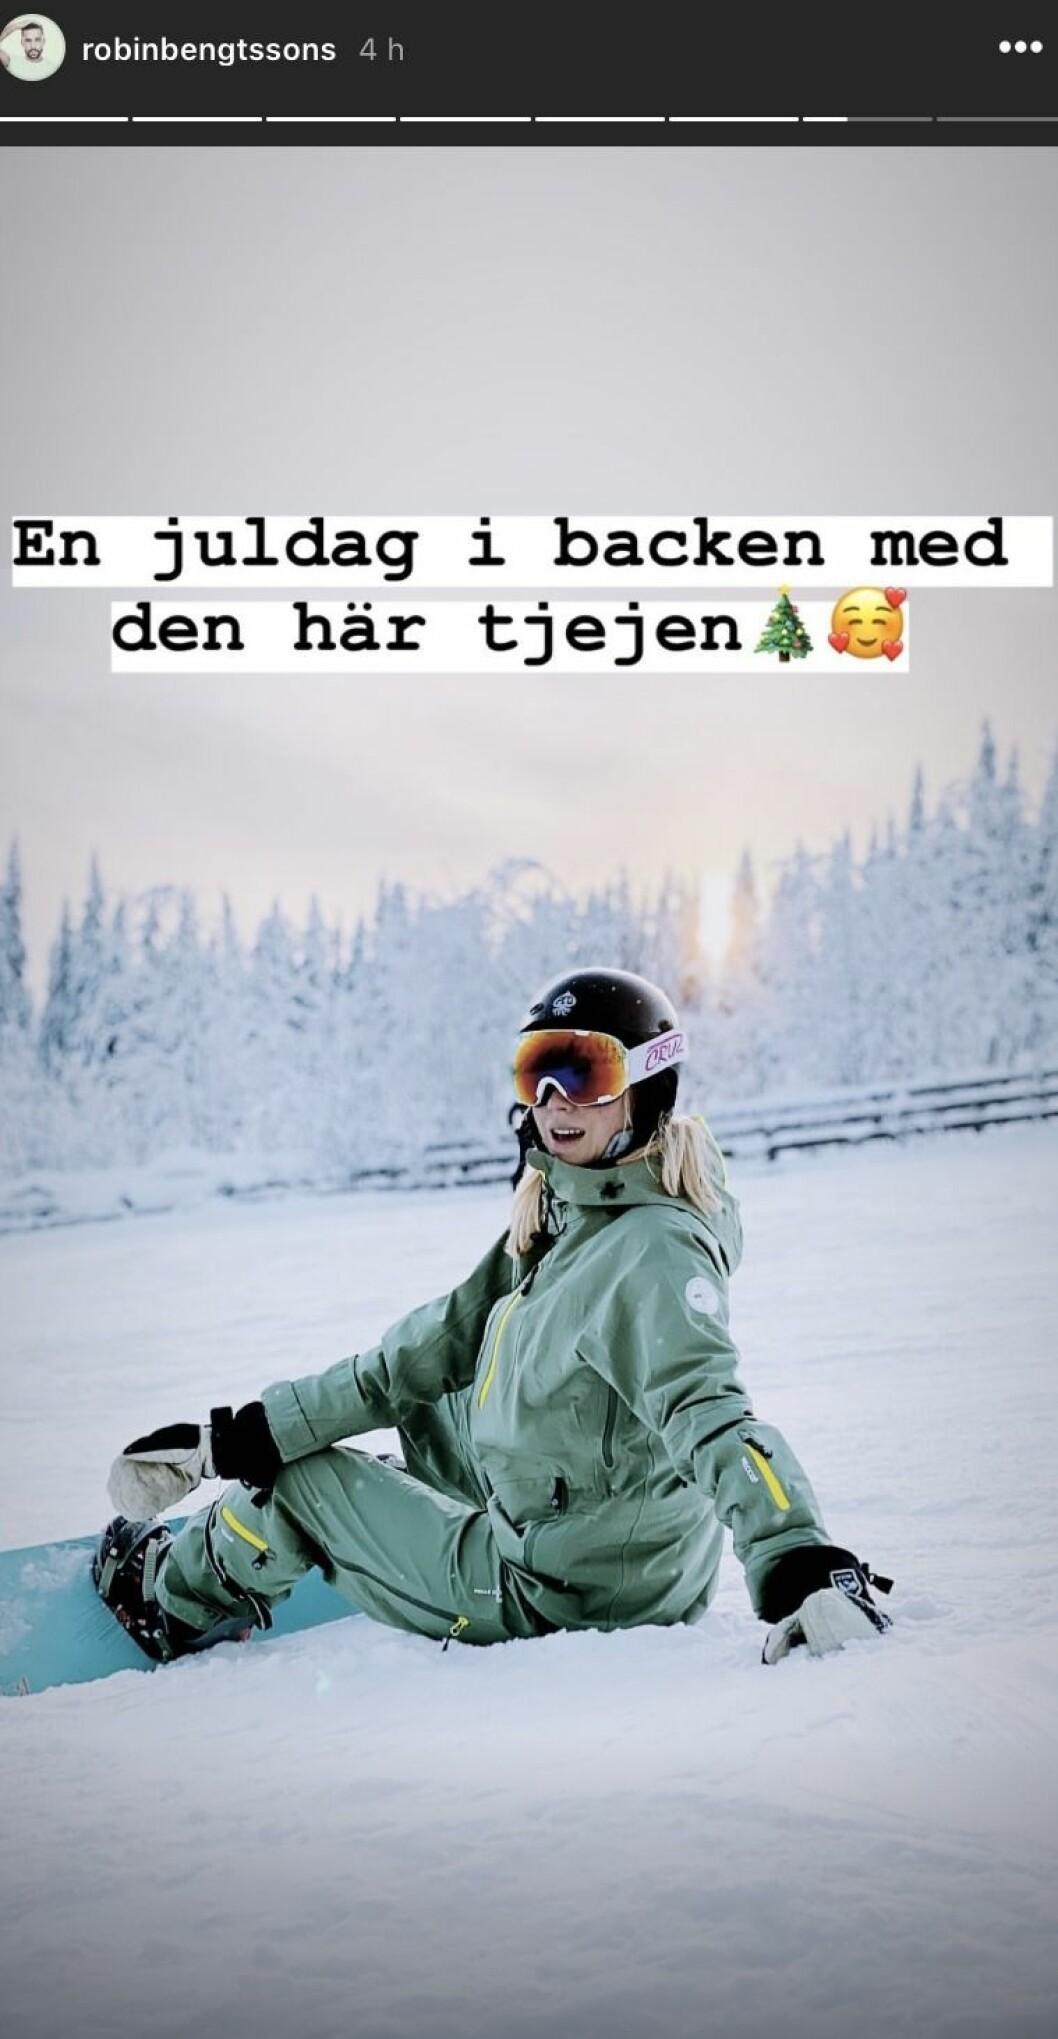 Sigrid bernson sitter i snö med en snowboard